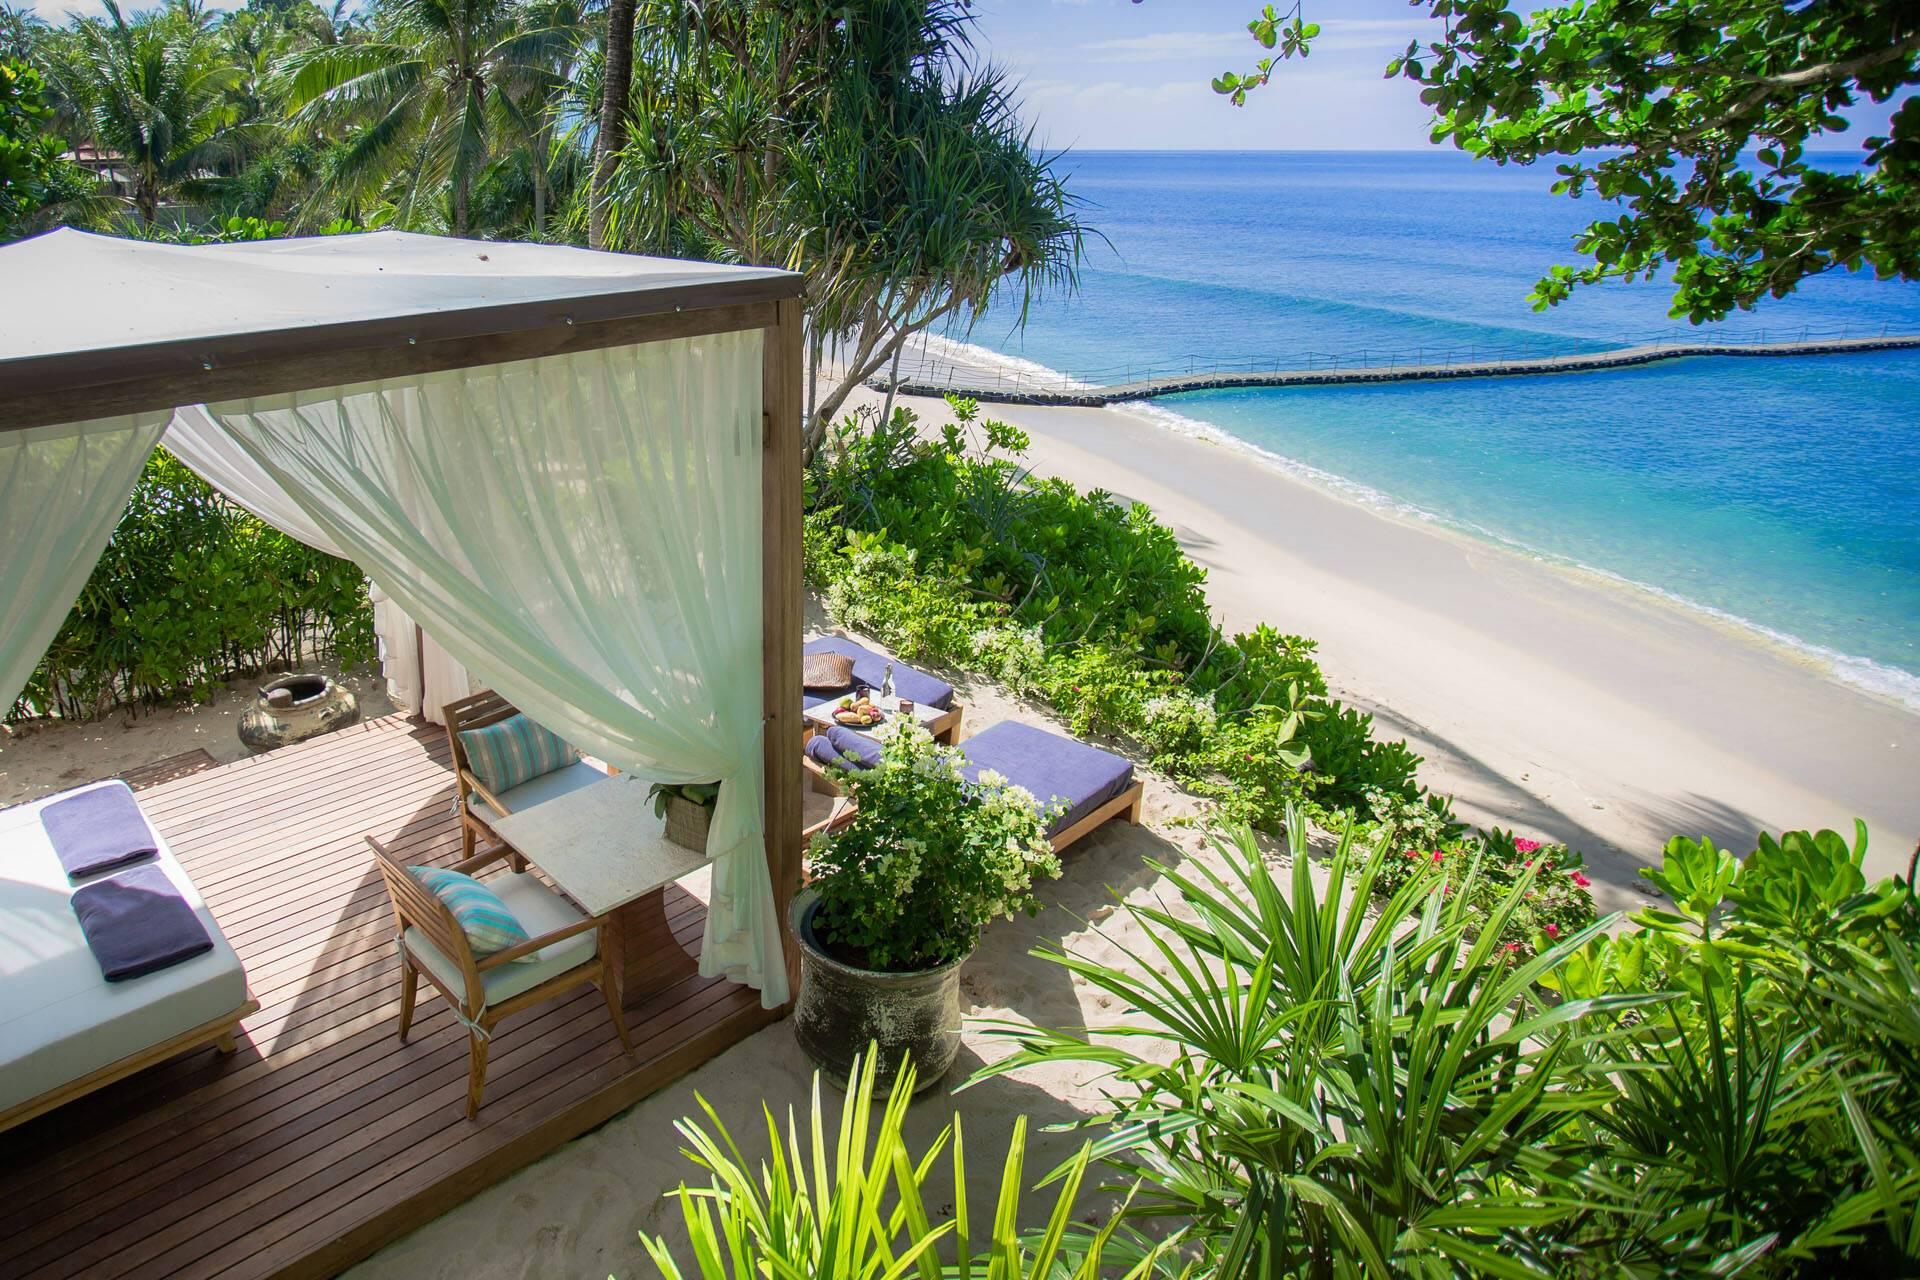 Trisara Phuket Cabana